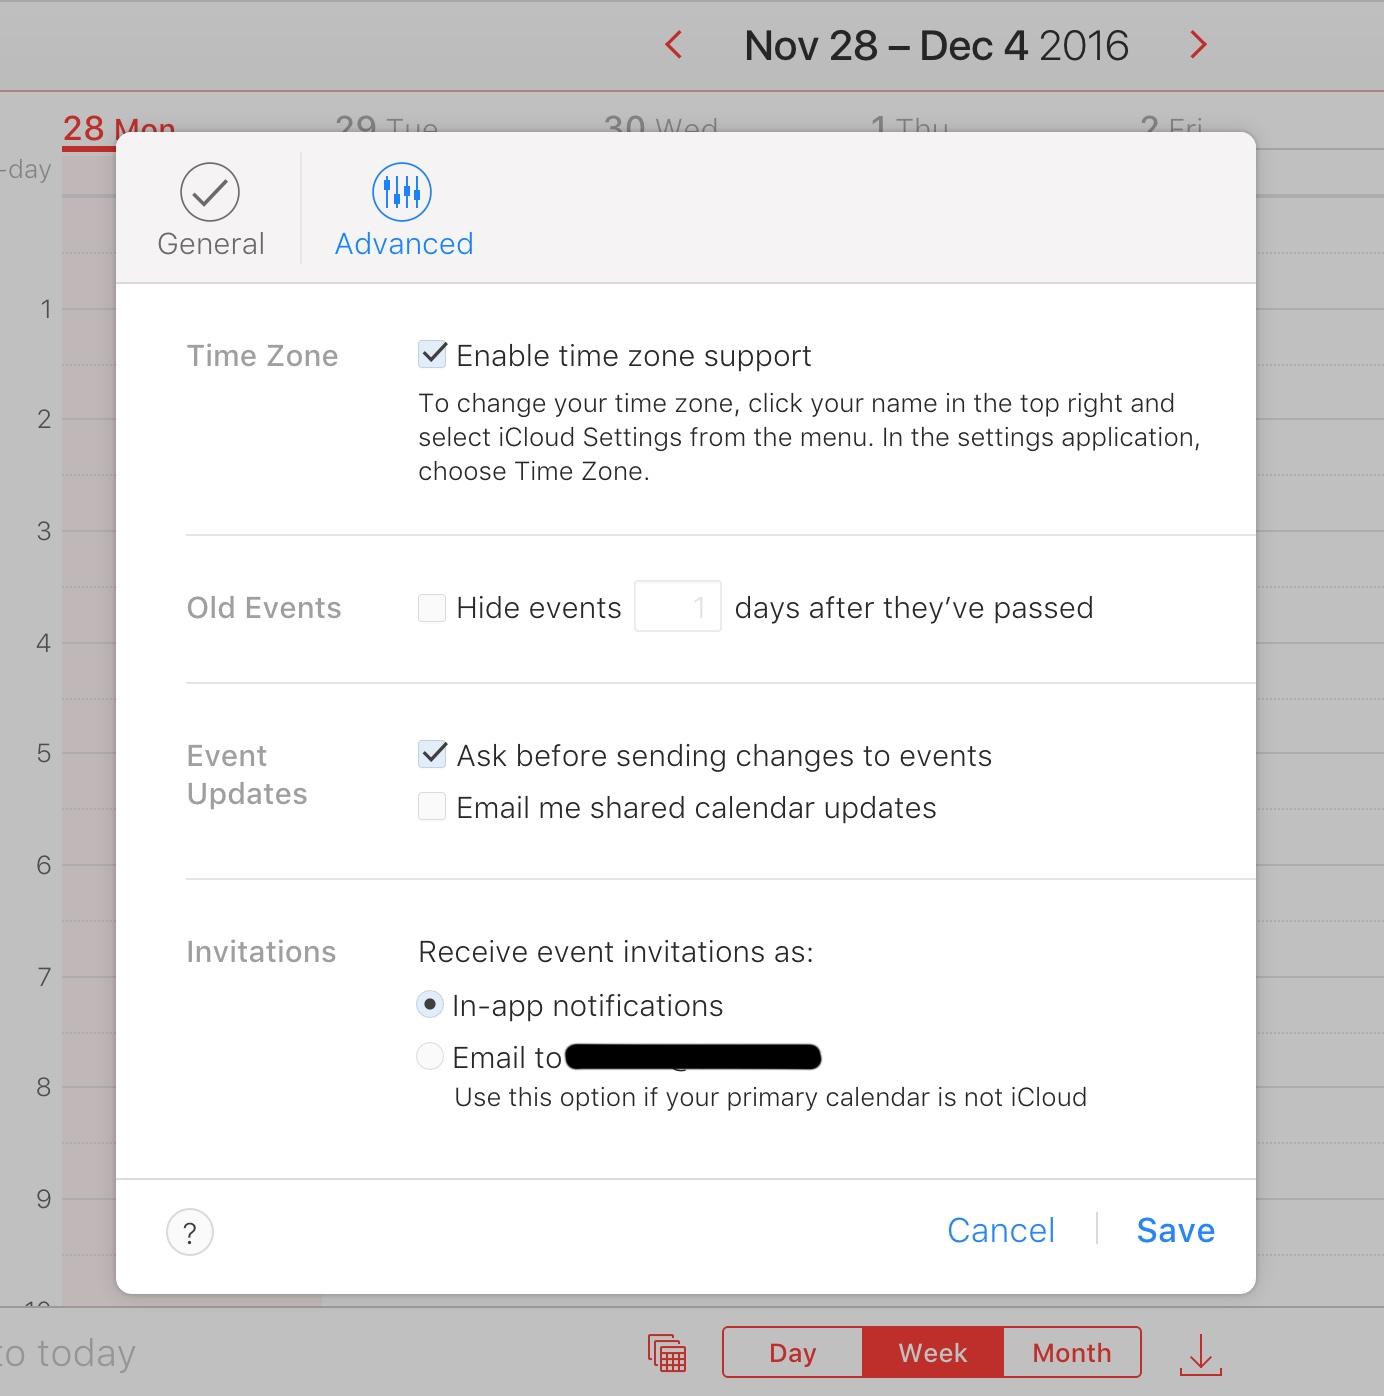 screen-shot-2016-11-28-at-6-39-42-pm